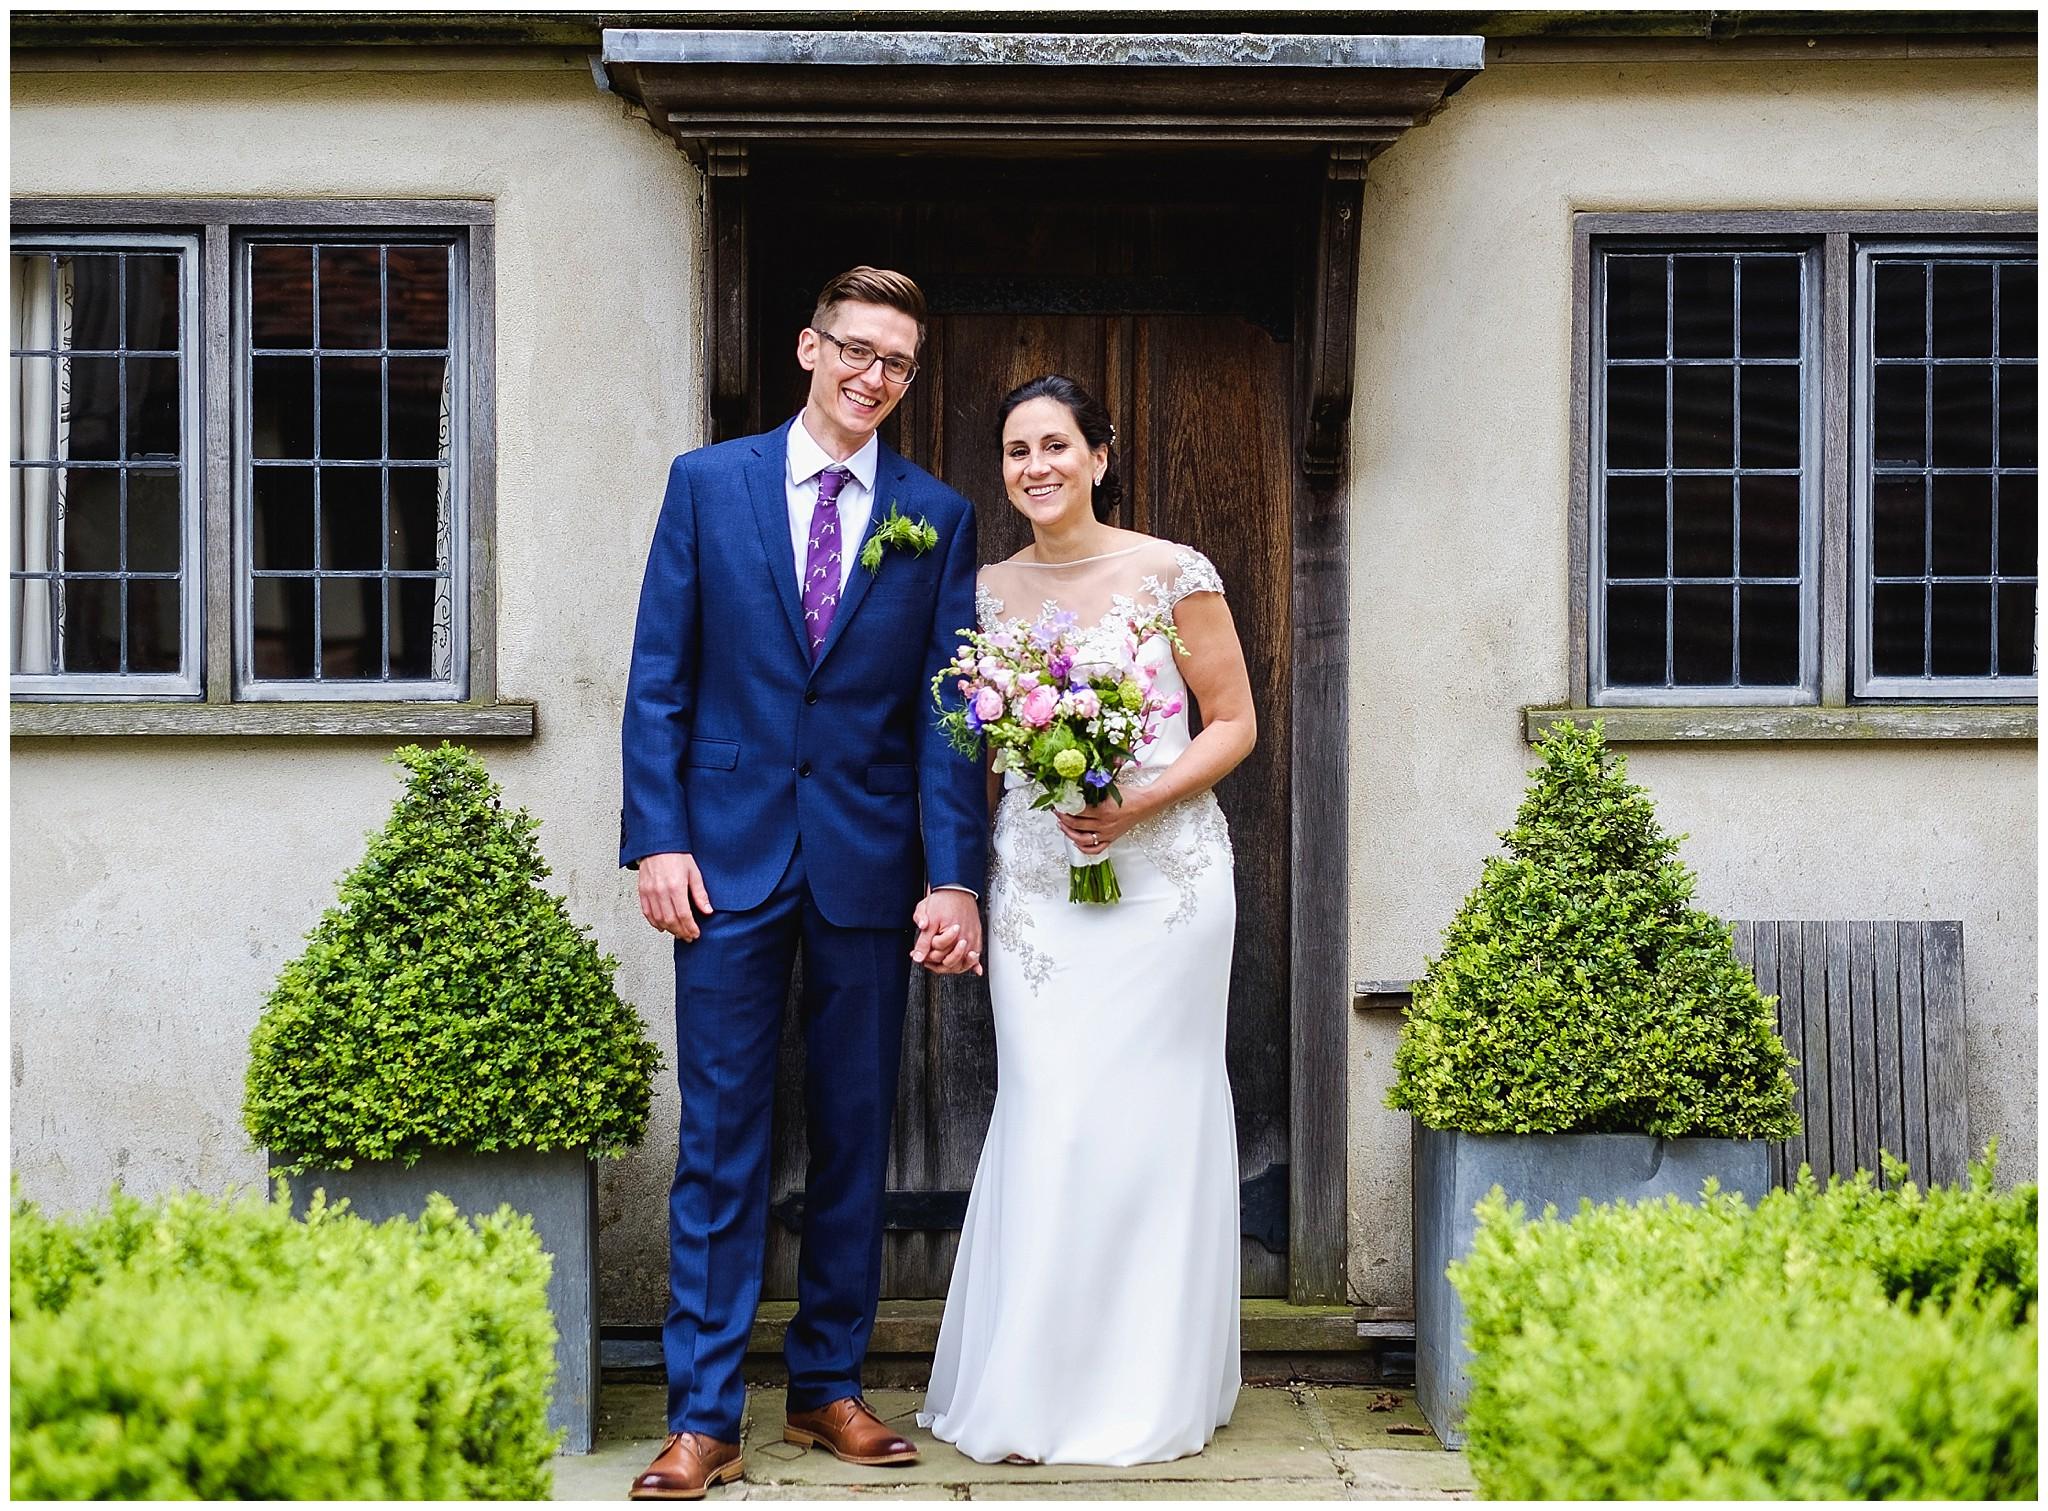 Wedding couple portrait outside old door